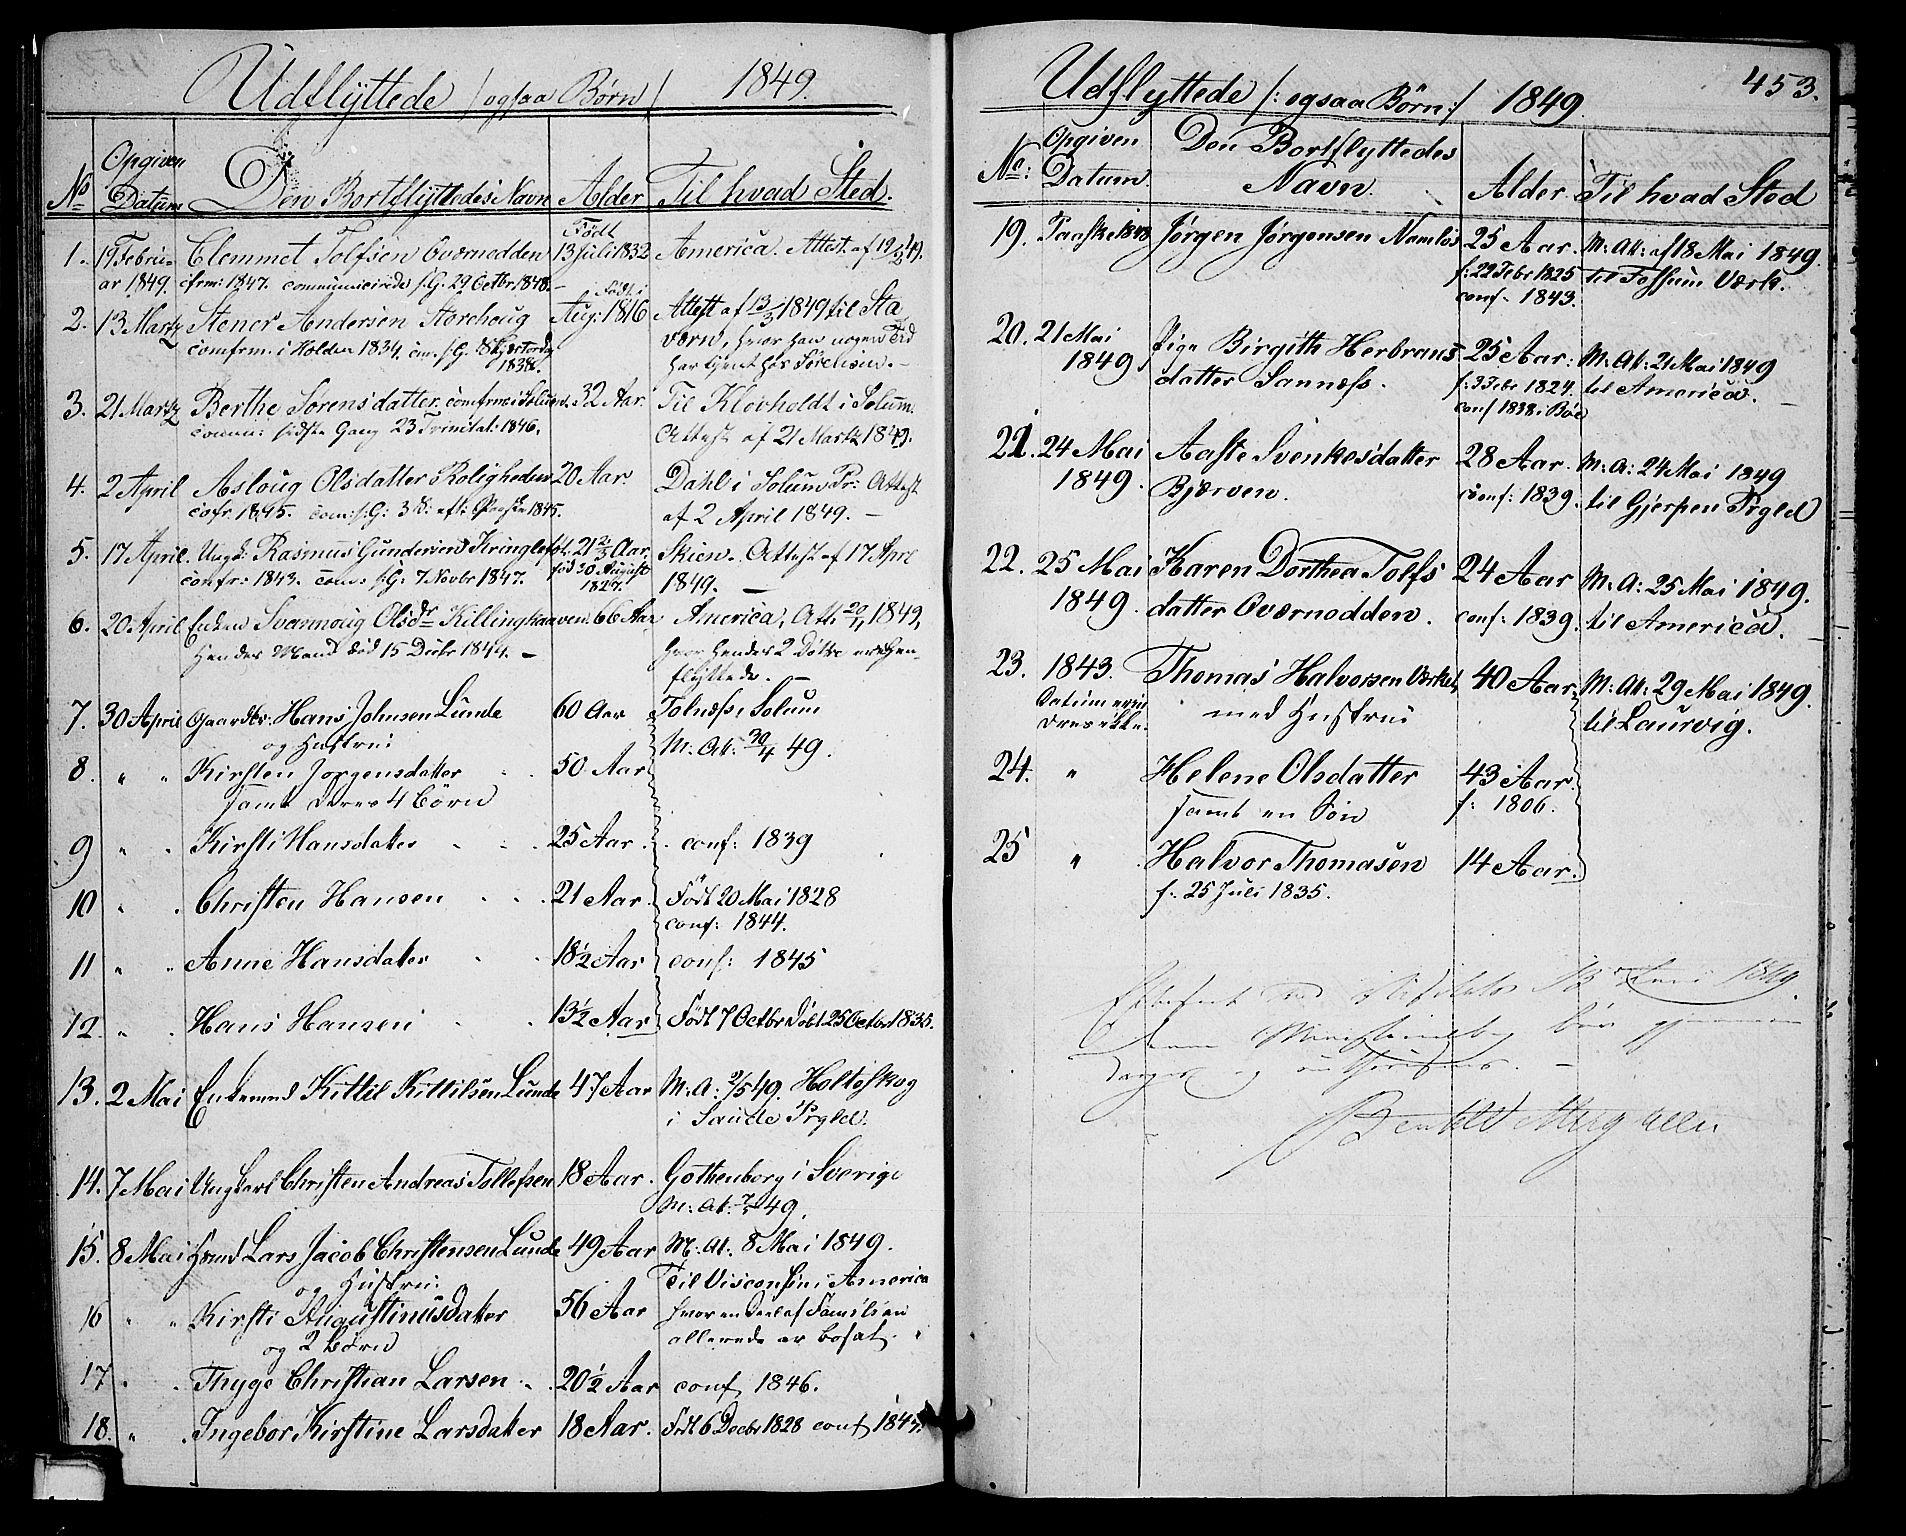 SAKO, Holla kirkebøker, G/Ga/L0003: Klokkerbok nr. I 3, 1849-1866, s. 453